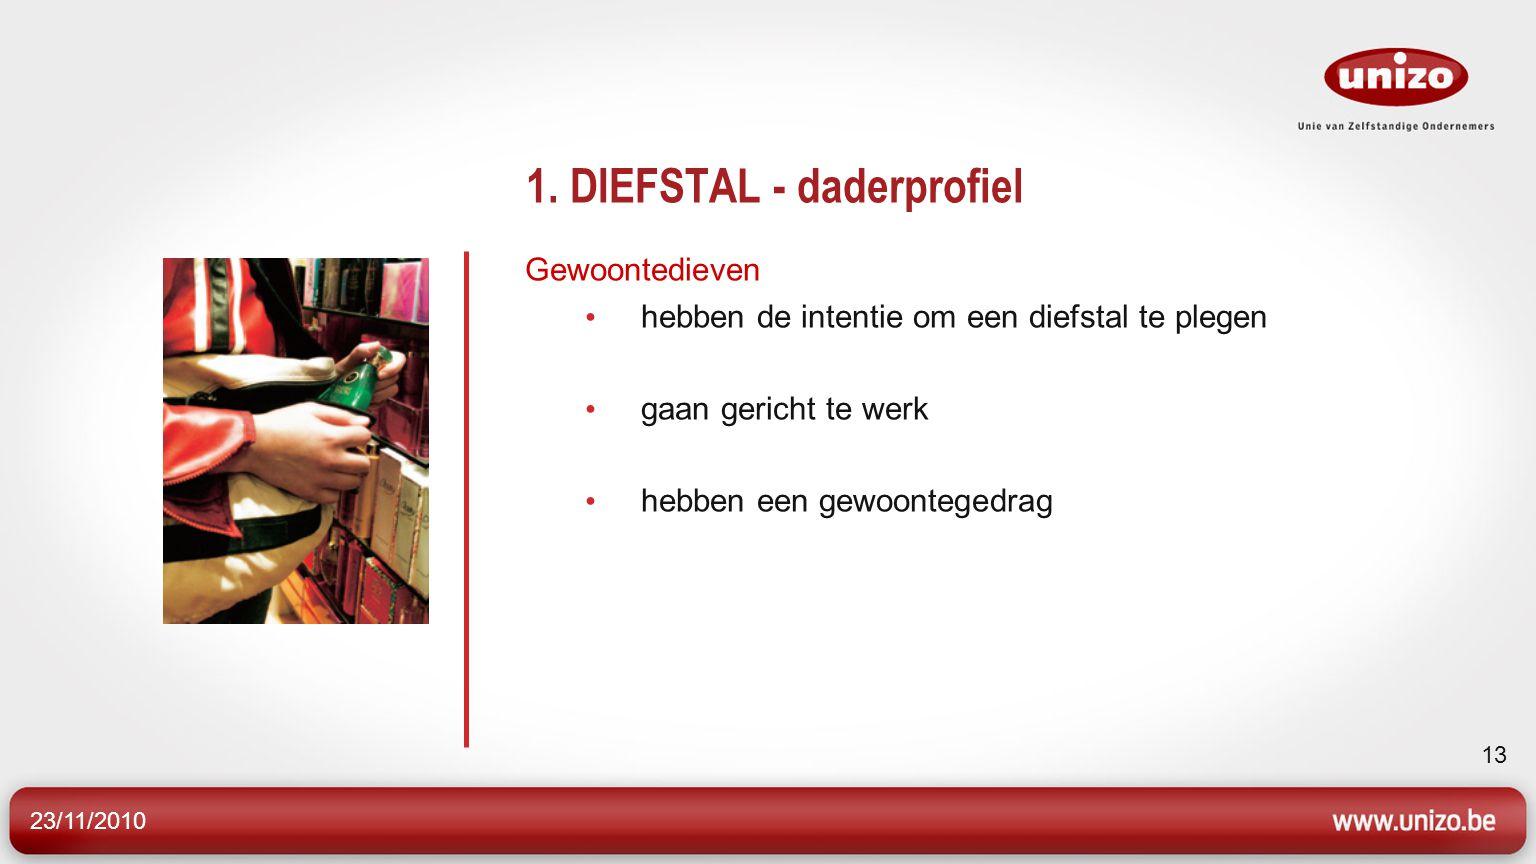 23/11/2010 13 1. DIEFSTAL - daderprofiel Gewoontedieven hebben de intentie om een diefstal te plegen gaan gericht te werk hebben een gewoontegedrag